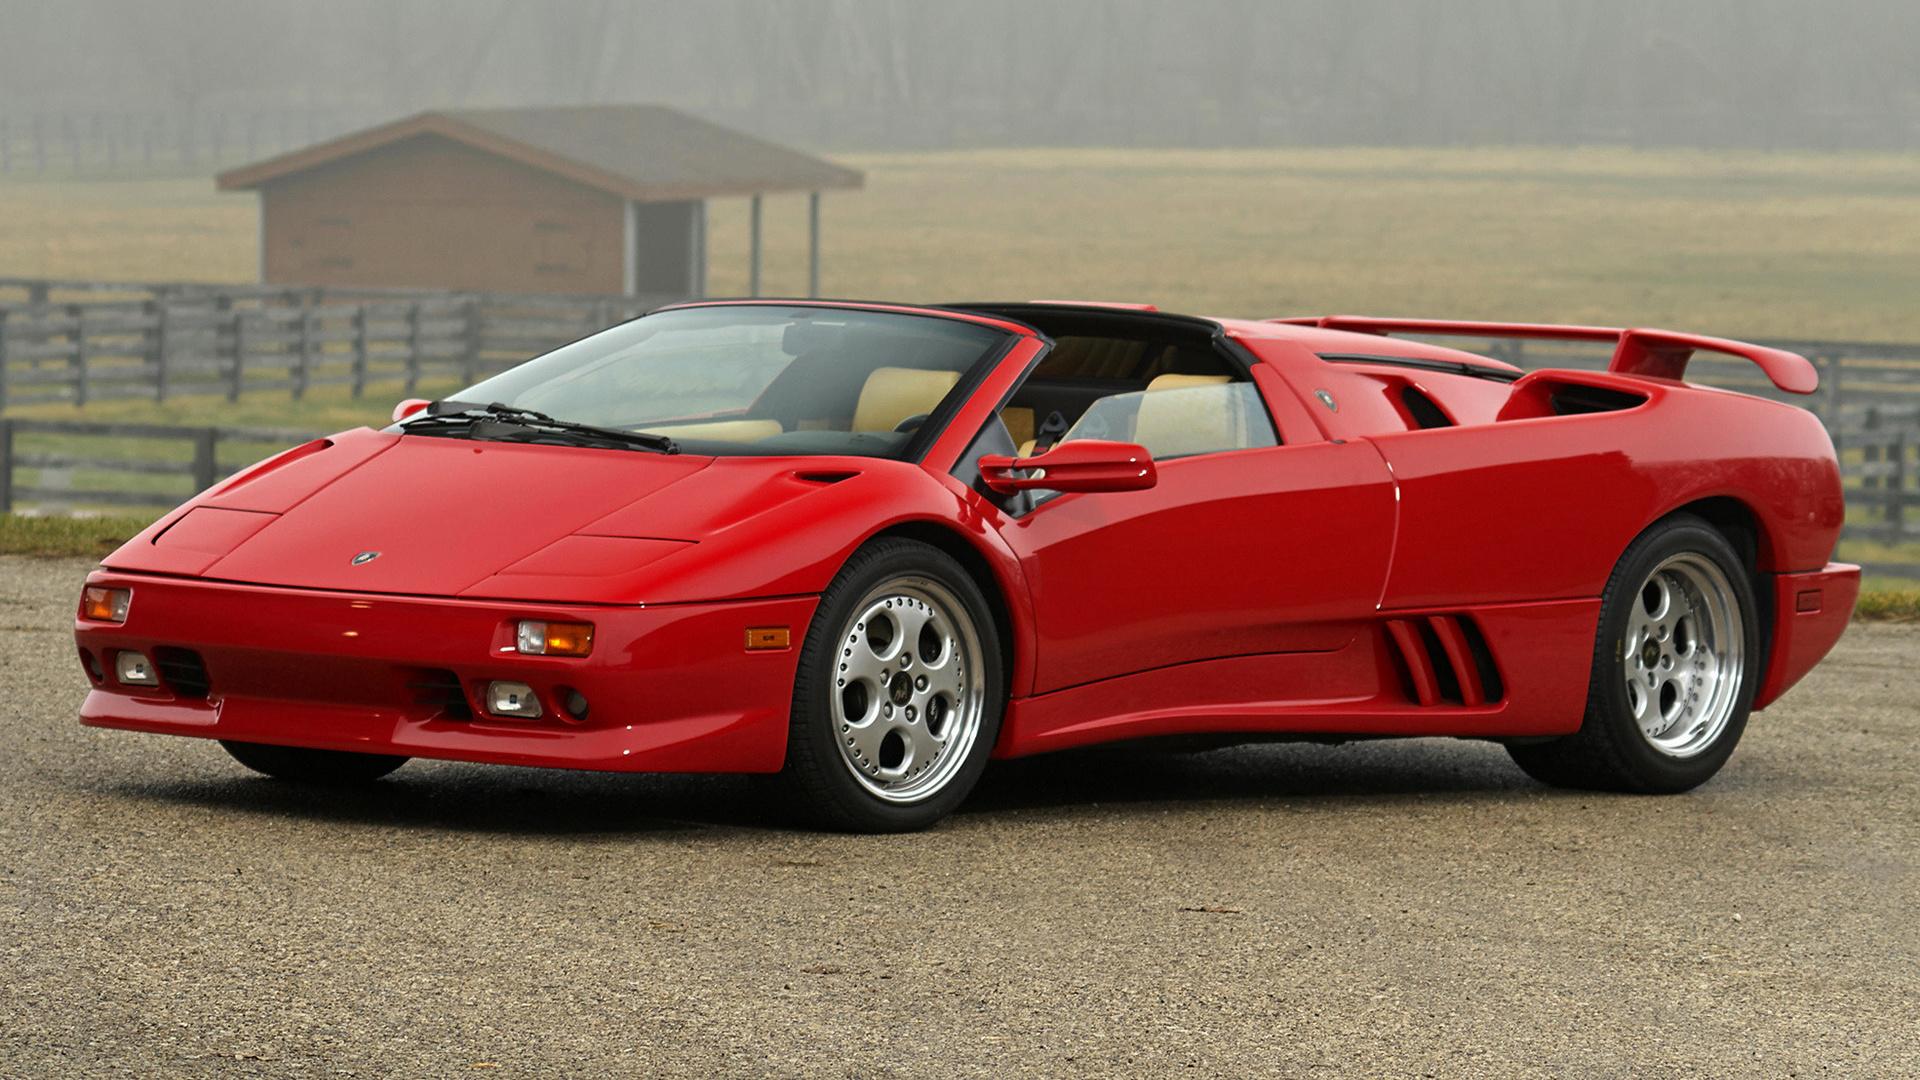 Lamborghini Diablo Vt Roadster 1995 Us Wallpapers And Hd